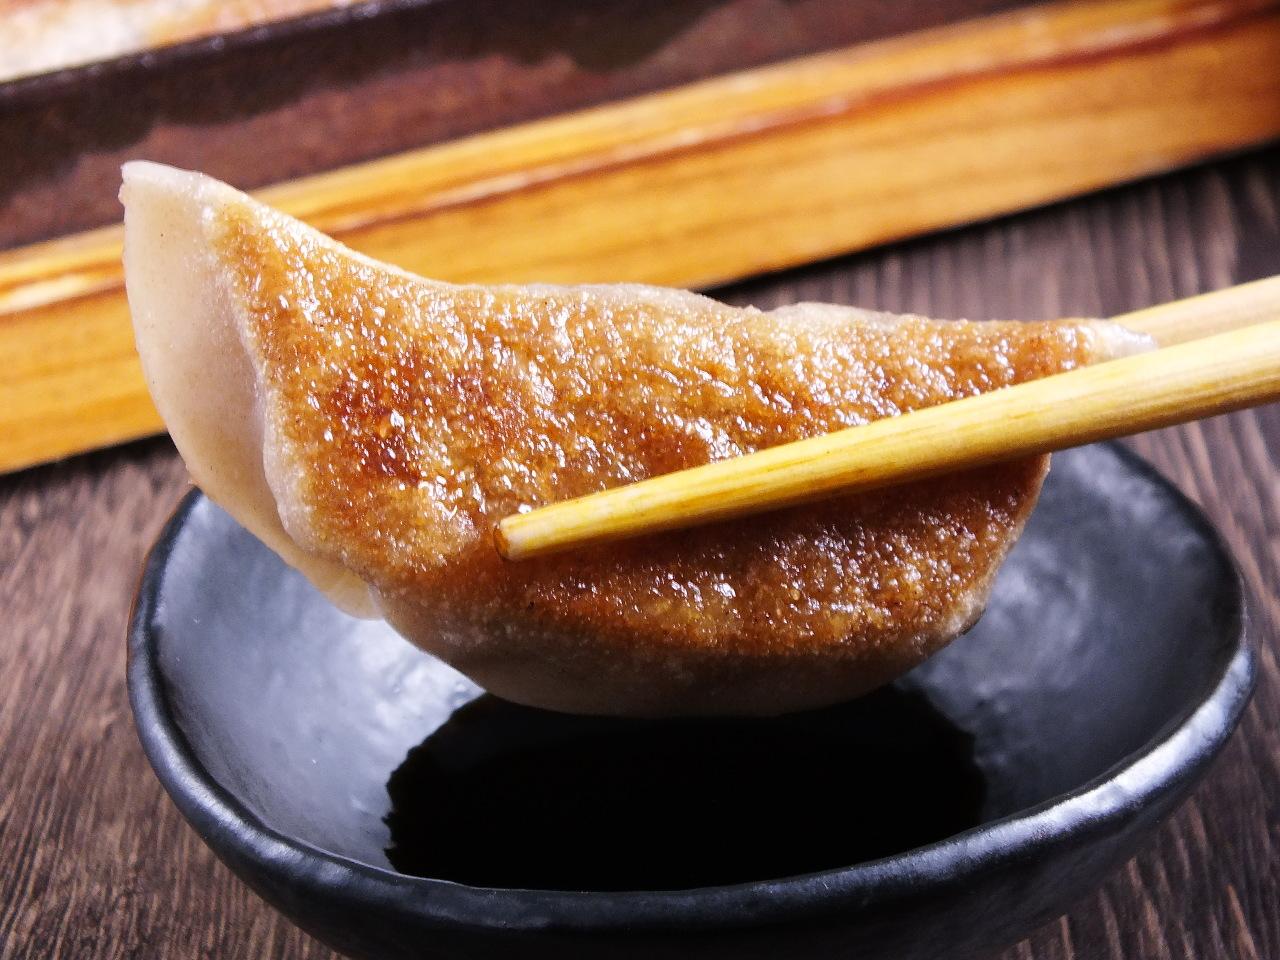 大曽根で餃子が自慢の居酒屋【カリカリ熱々肉汁餃子 うりずん 大曽根店】